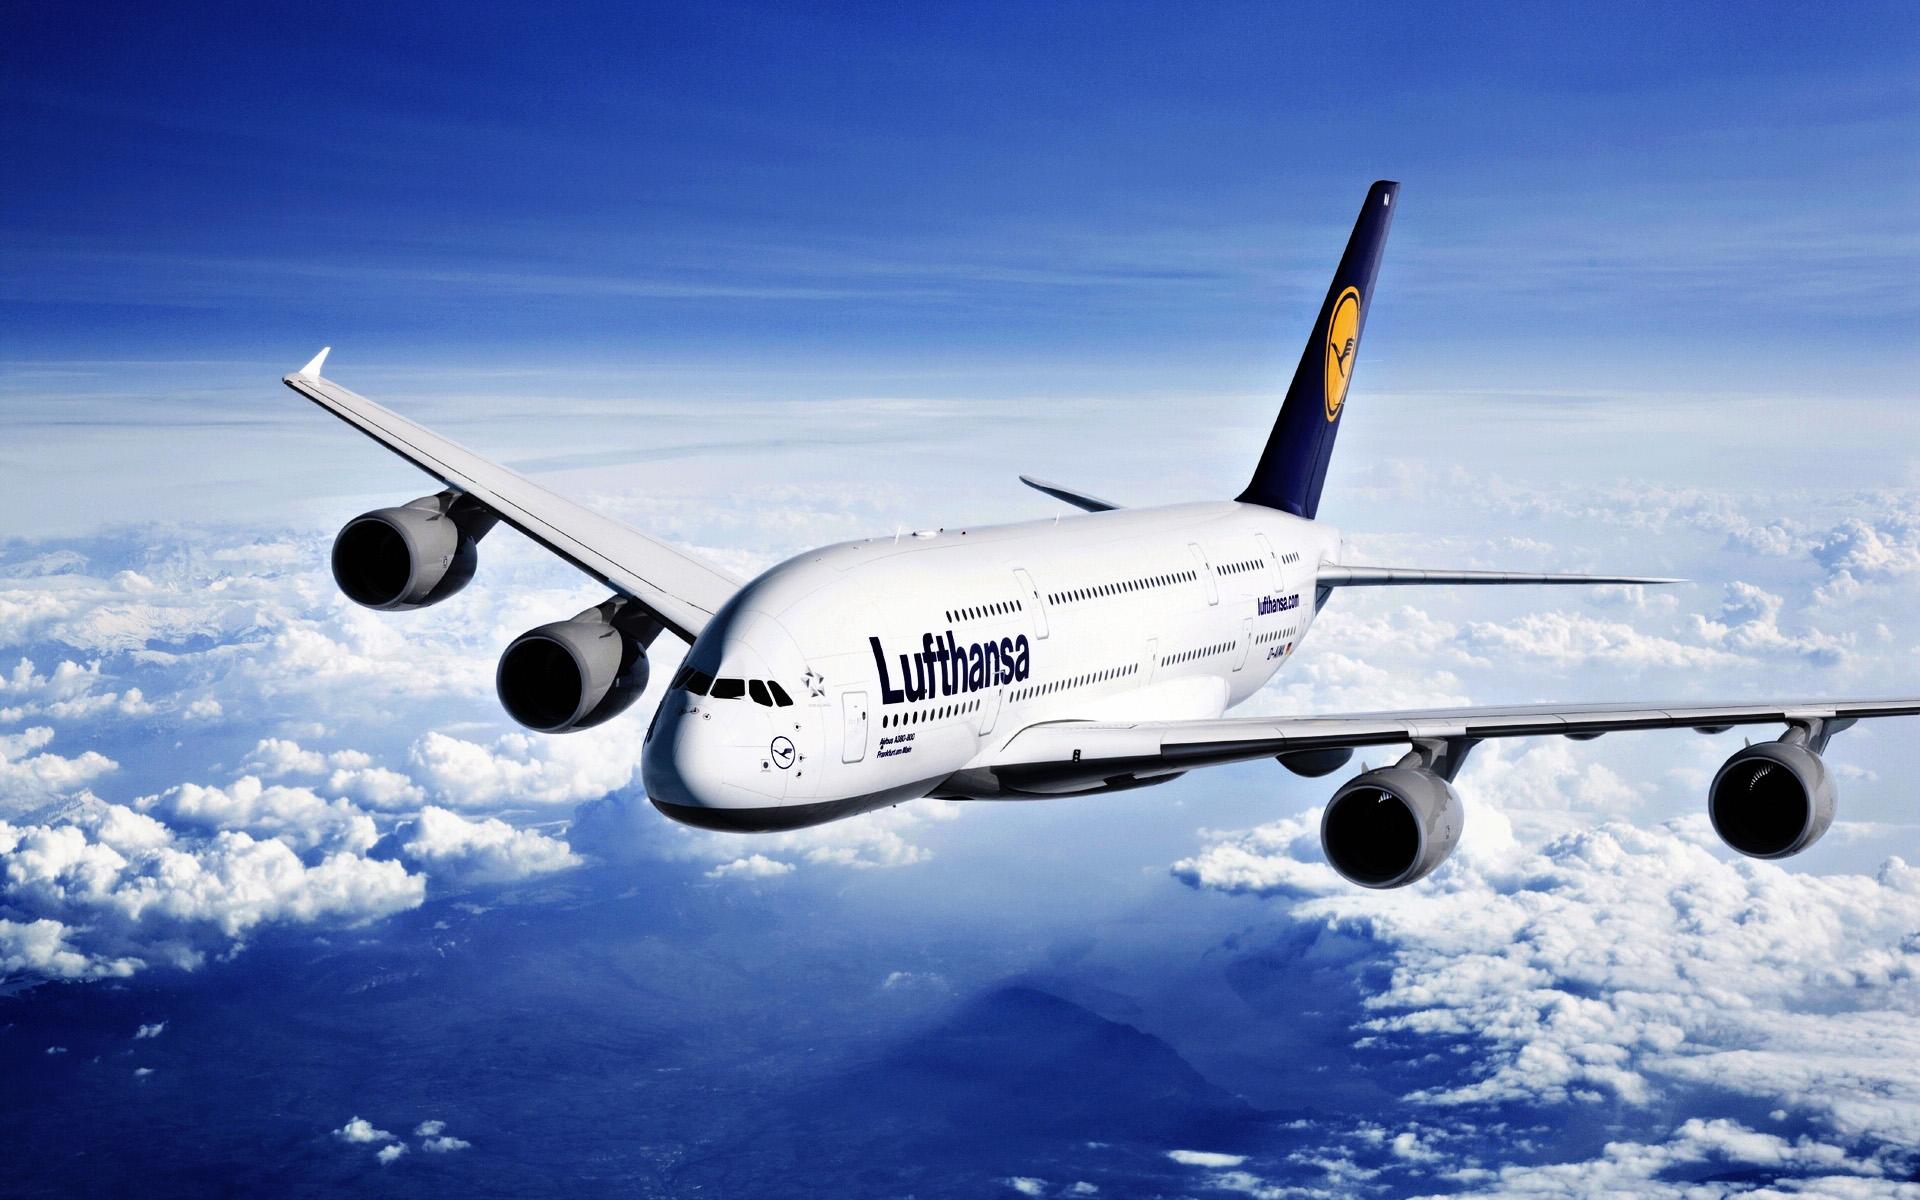 Lufthansan siivillä, yhden pysähdyksen taktiikalla HEL-FRA-LAX.